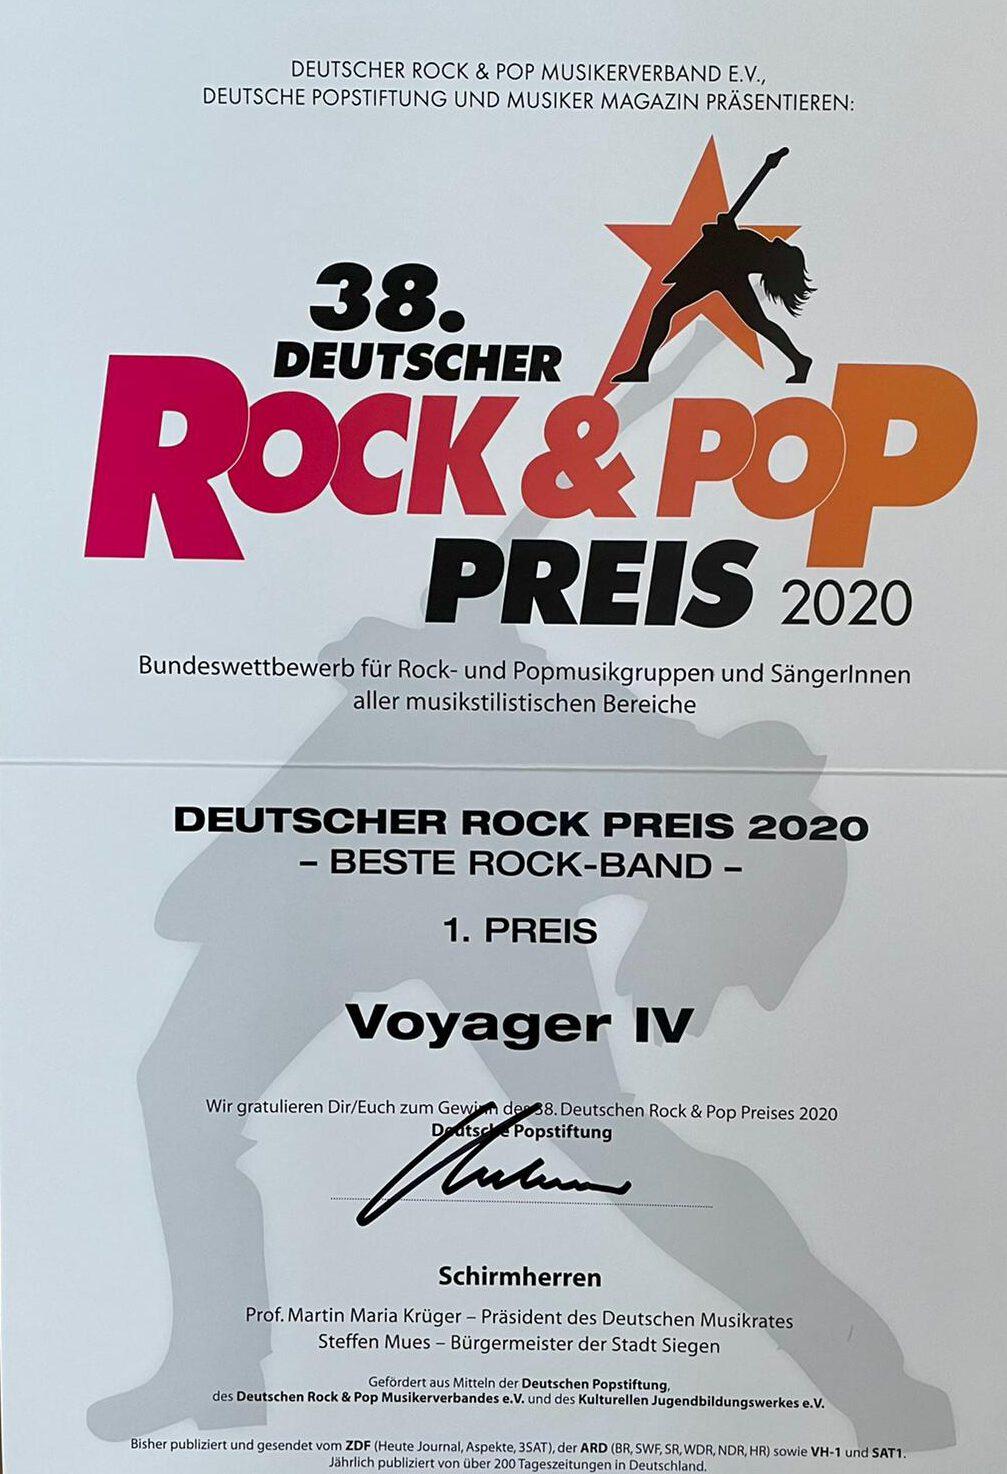 Urkunde deutscher Rock und Pop Preis, Beste Rockband 1. Preis